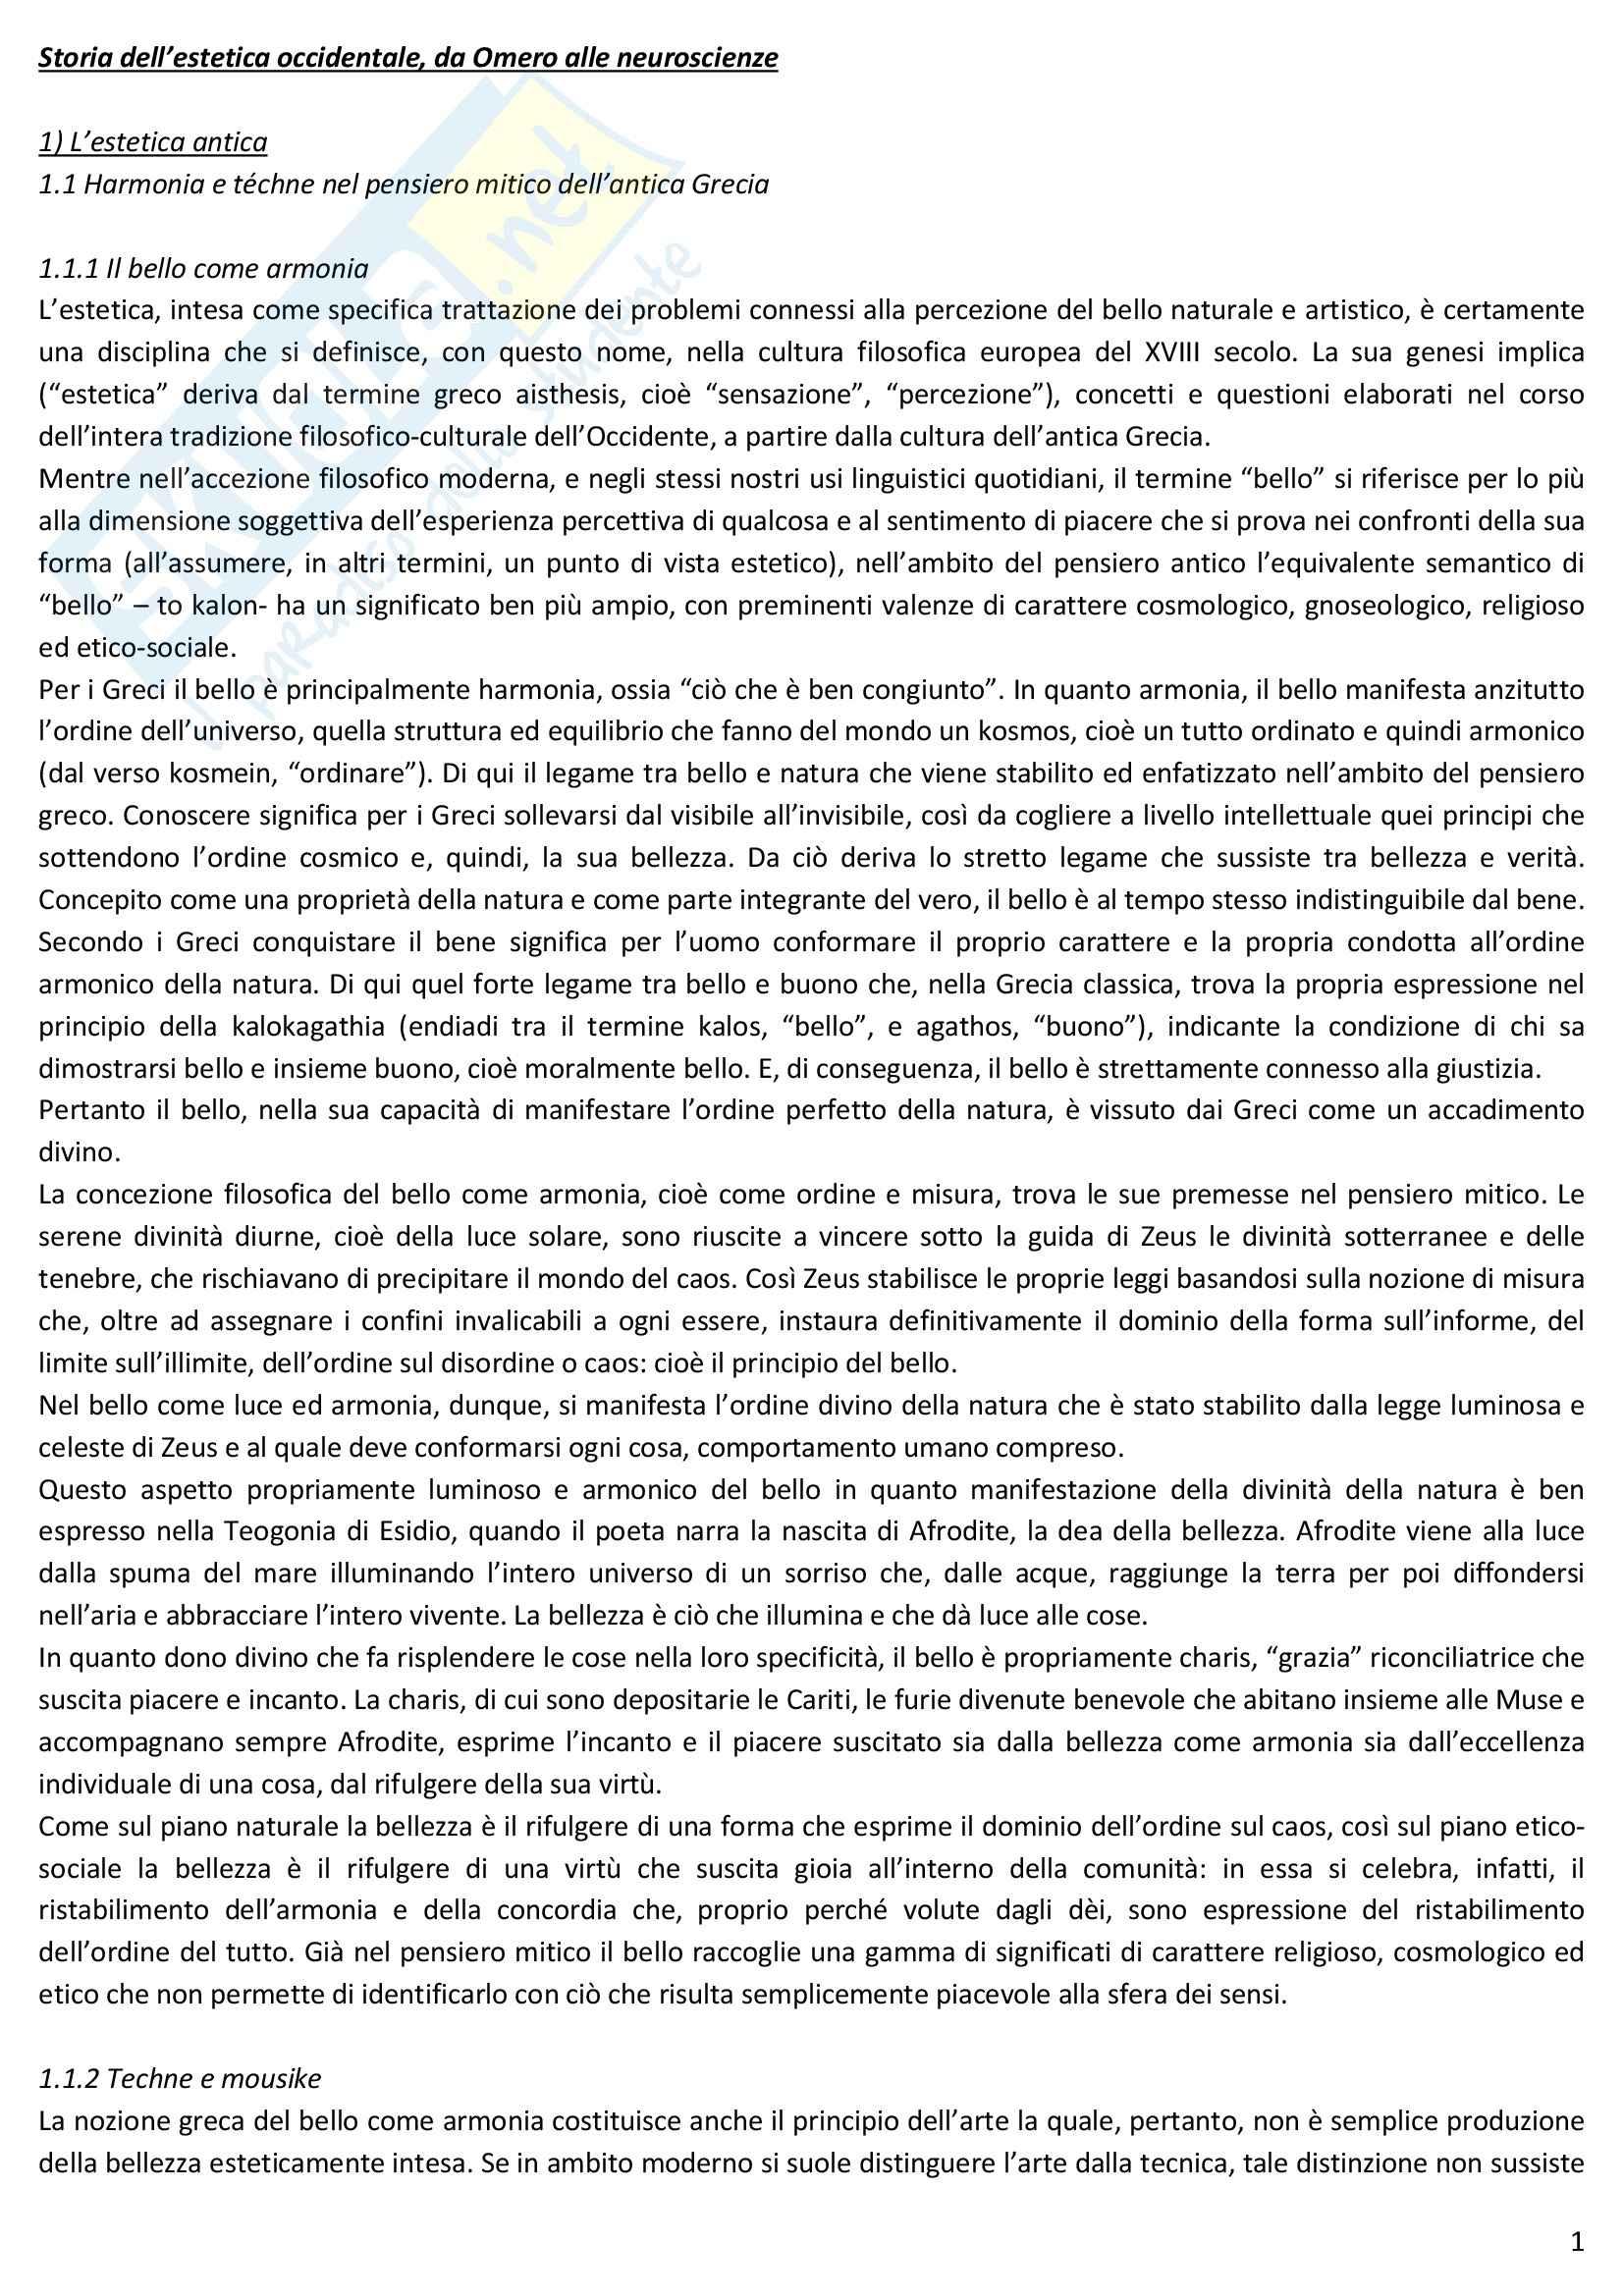 Riassunto esame Estetica, prof. Desideri, libro consigliato Storia dell'estetica occidentale da Omero alle neuroscienze, Desideri, Cantelli